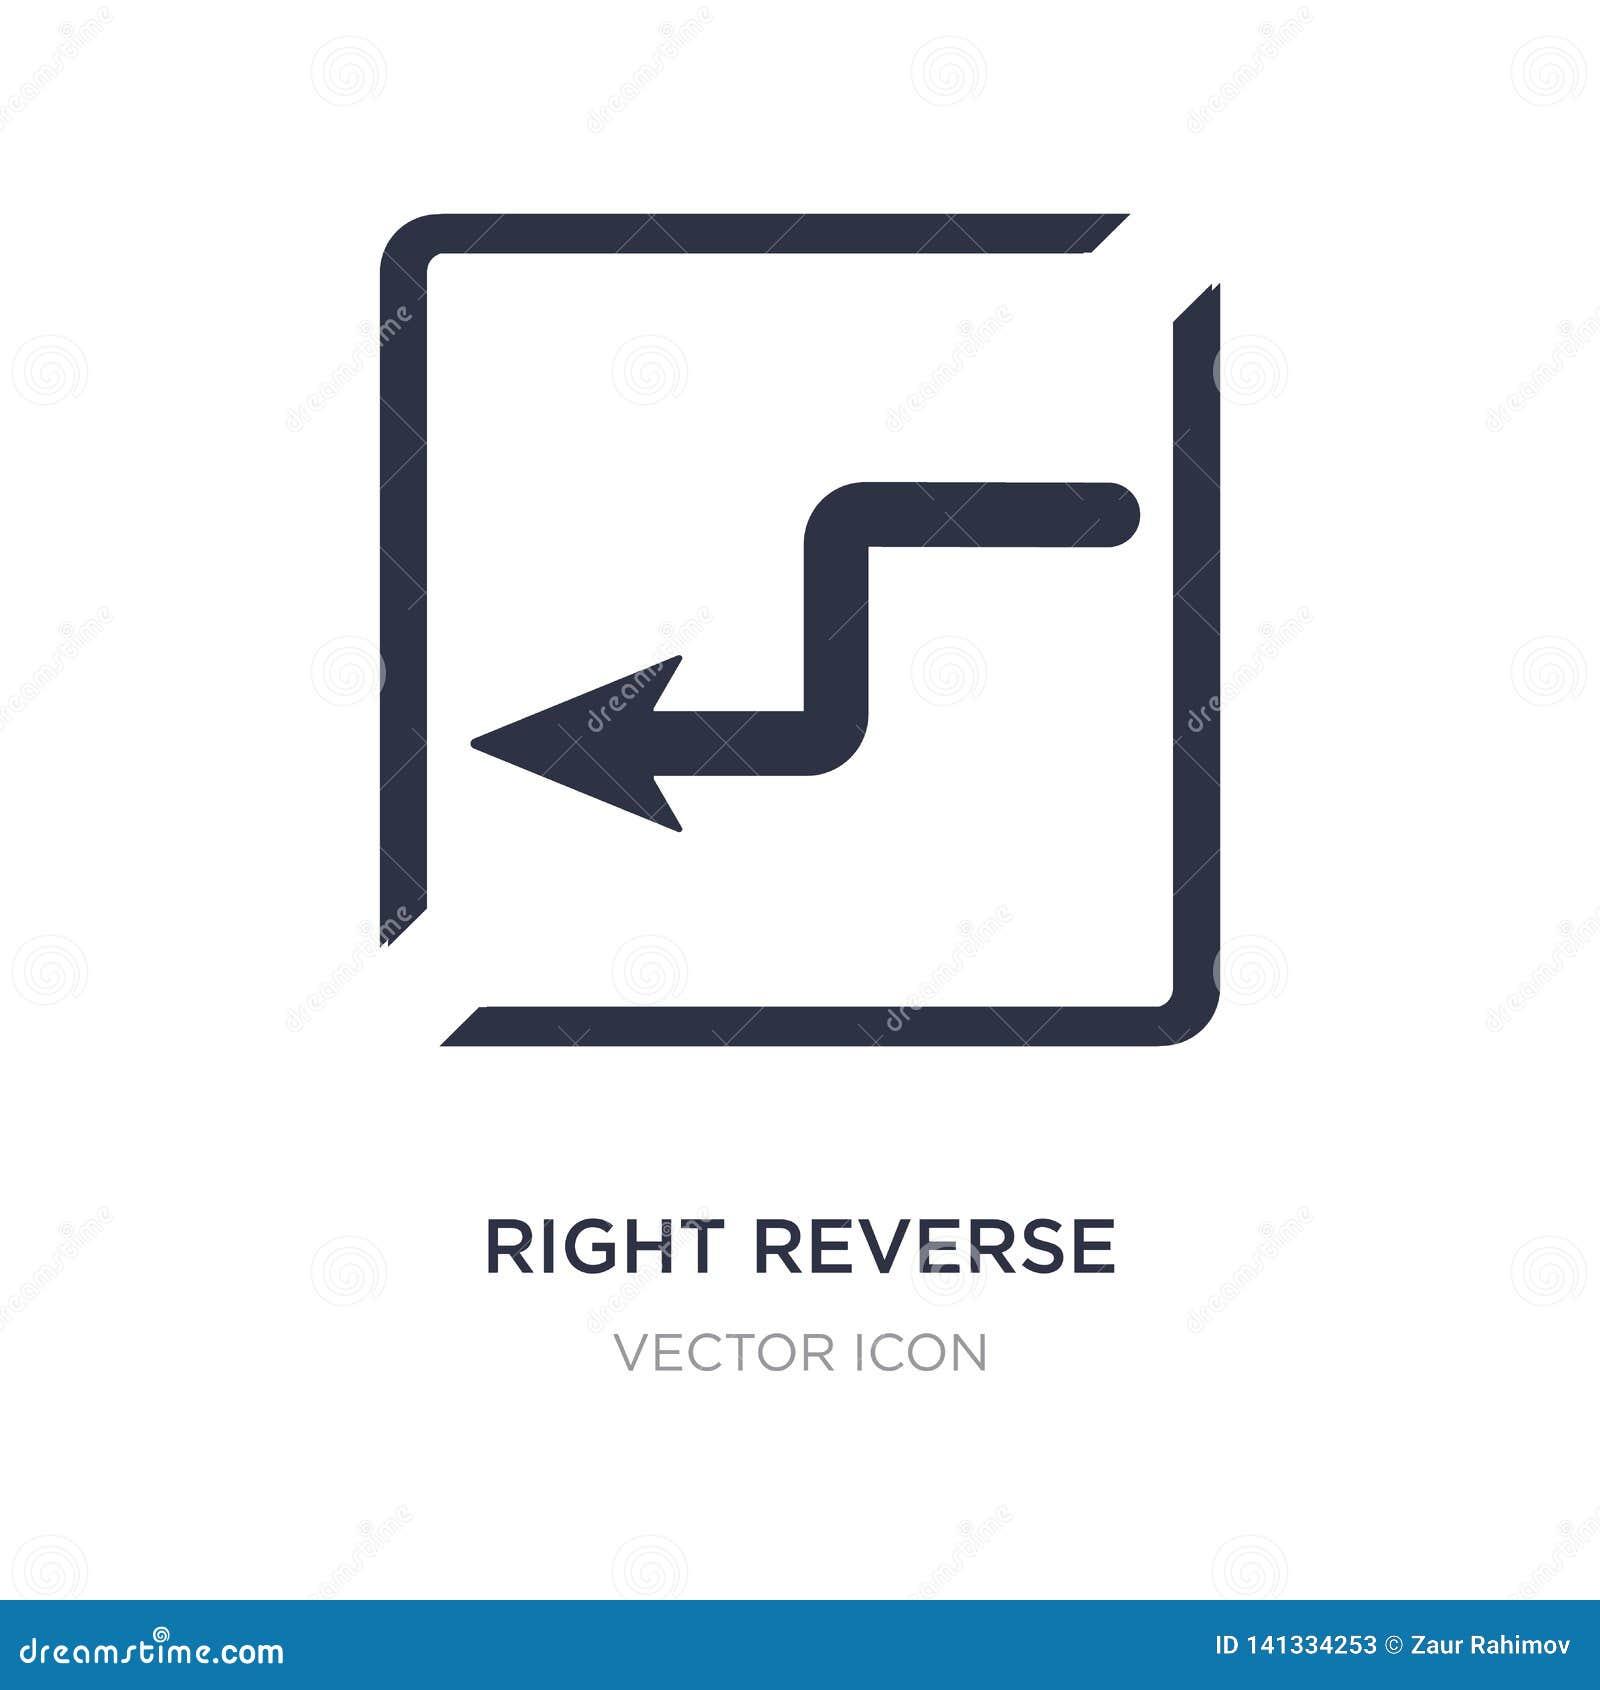 σωστό αντίστροφο εικονίδιο καμπυλών στο άσπρο υπόβαθρο Απλή απεικόνιση στοιχείων από την έννοια χαρτών και σημαιών